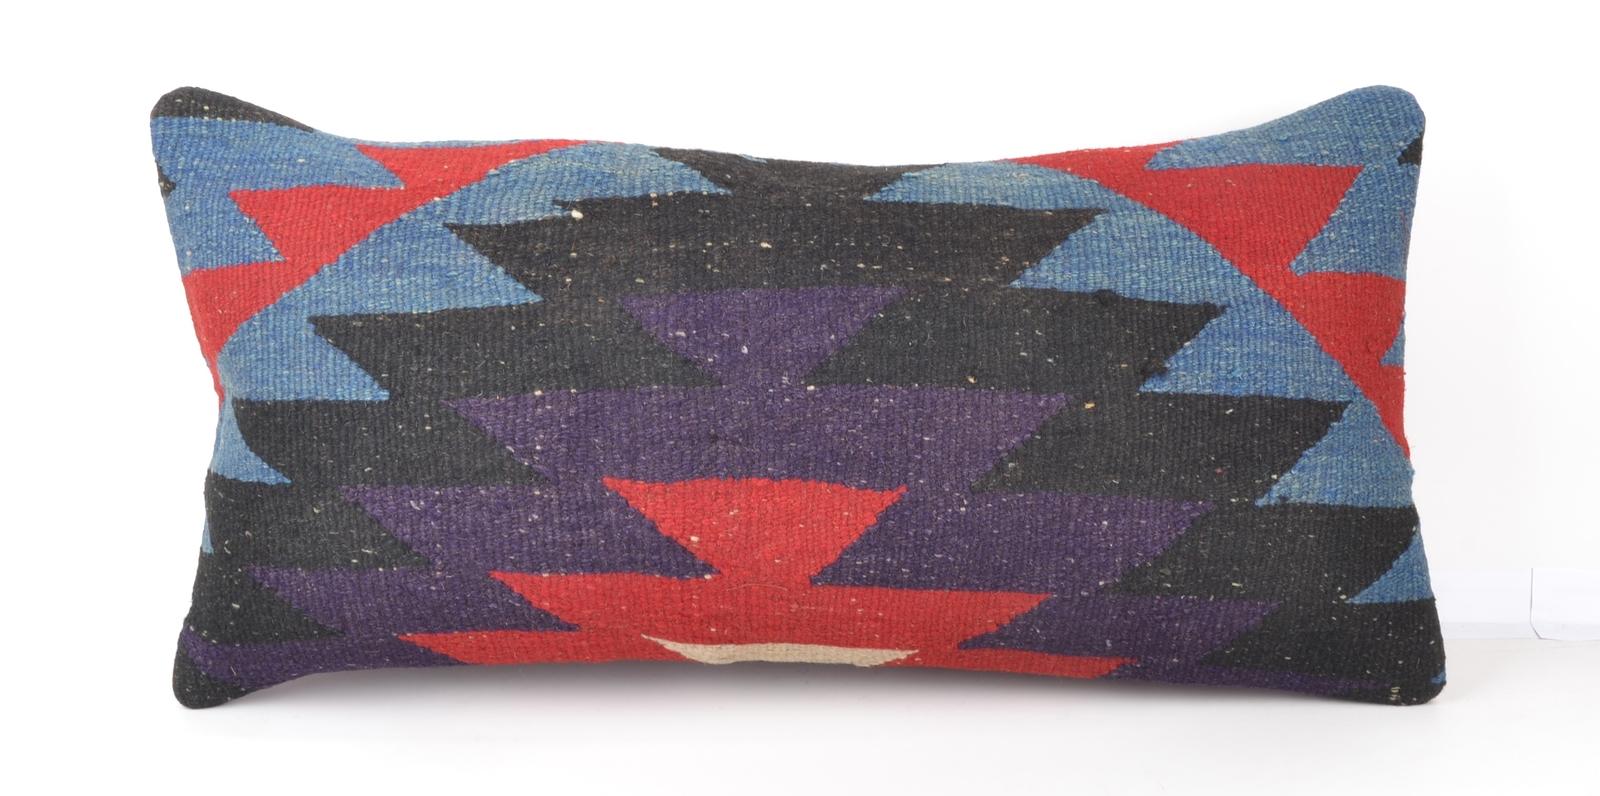 Cute Bolster Pillow Case : Vintage Chic Home Decor, Kilim Lumbar Pillow Case, Bolster Throw Cushion 24x12 - Pillows